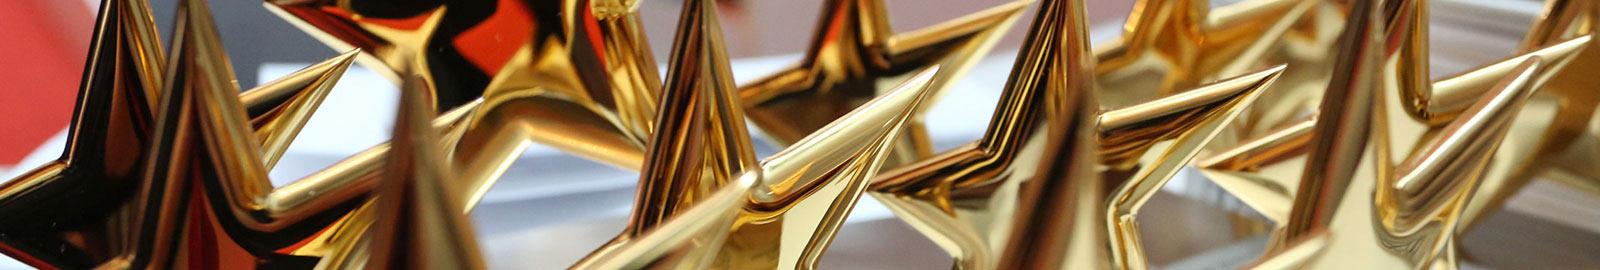 """Preisverleihung """"Sterne des Sports"""" in Gold 2015"""